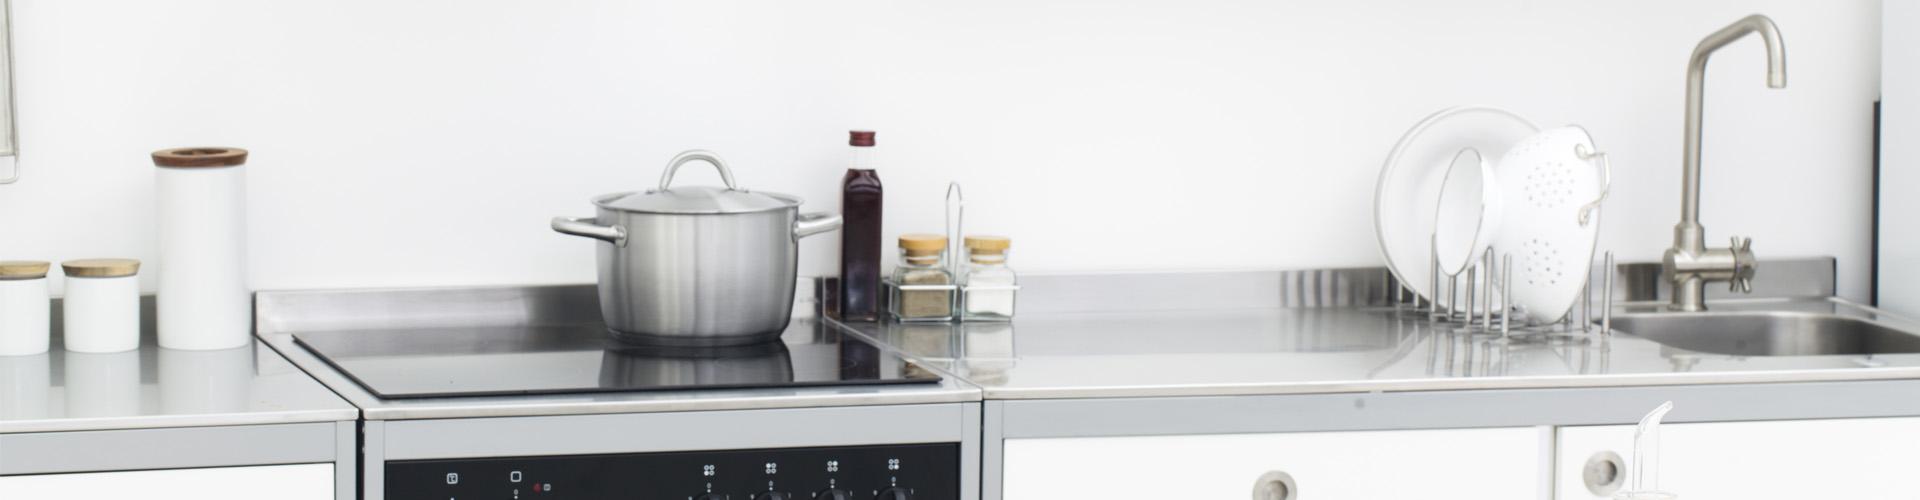 Бытовые кухонные вентиляторы